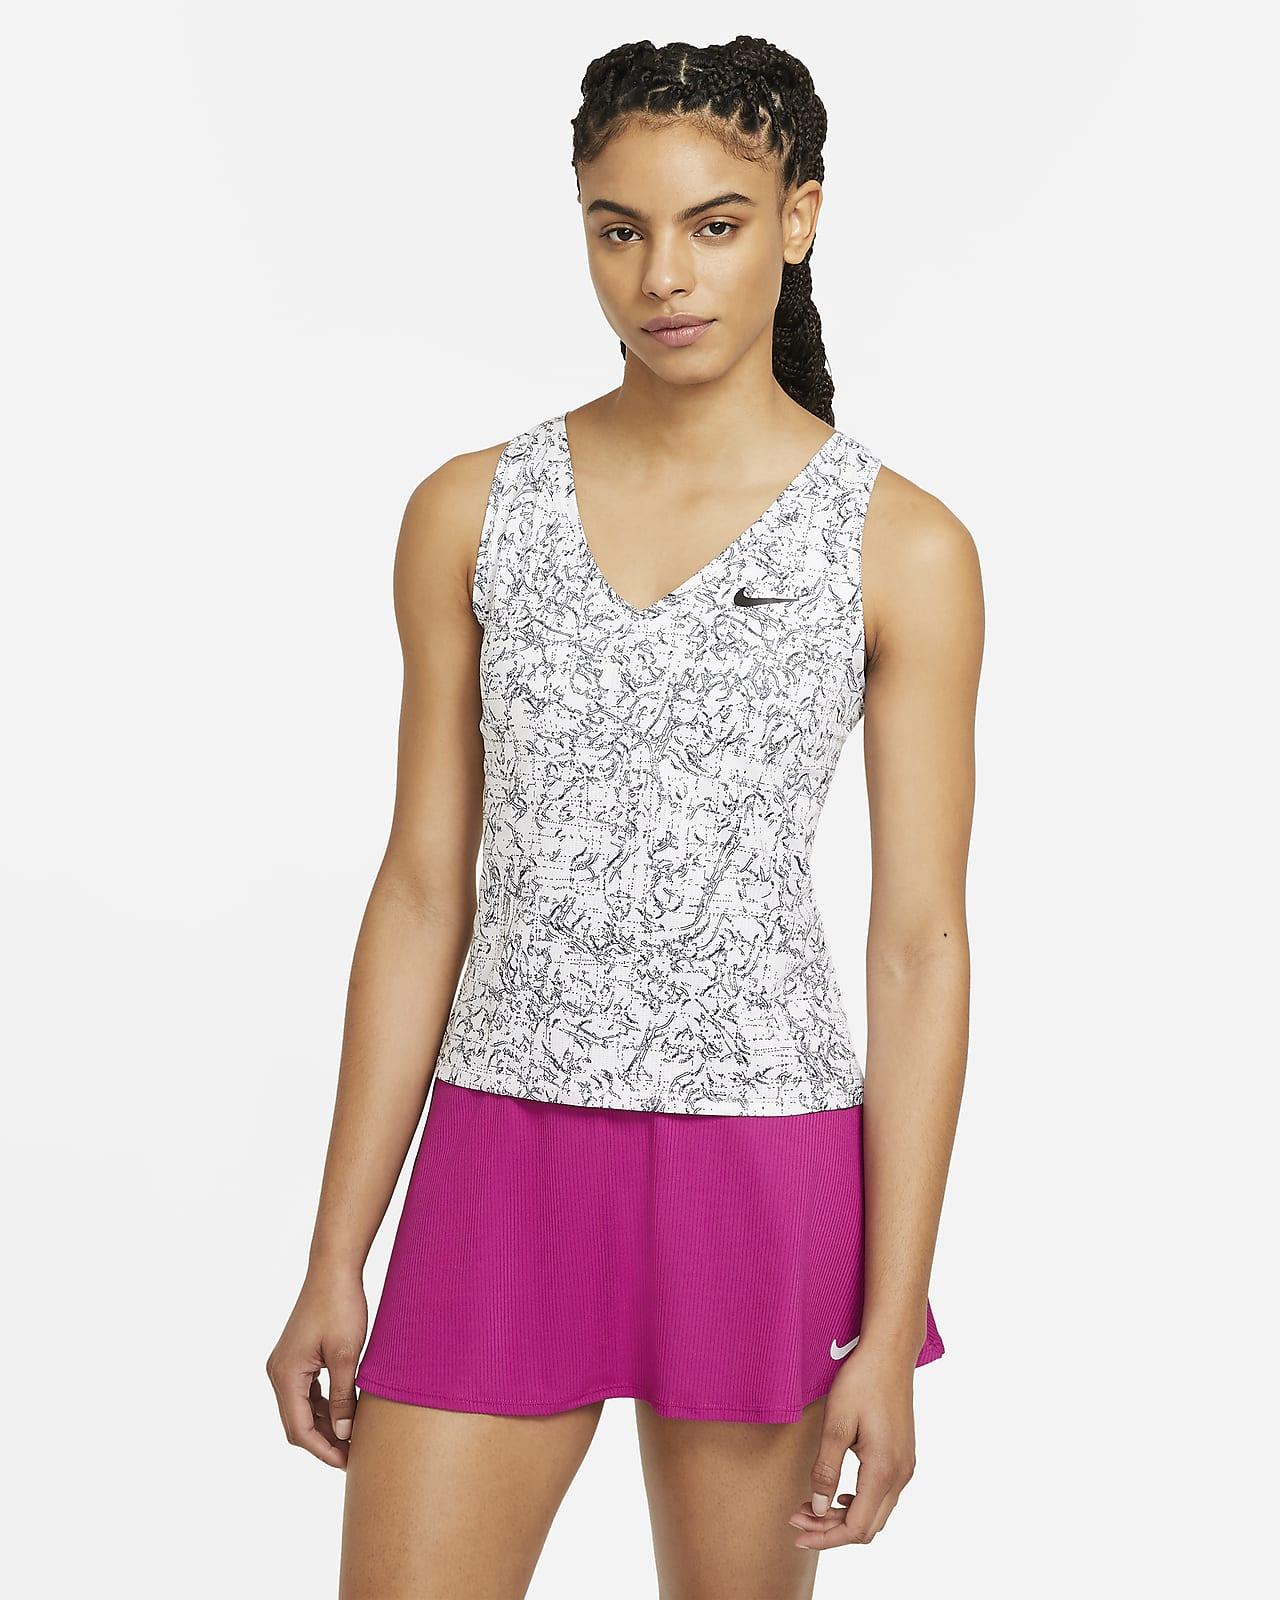 Camiseta de tirantes de tenis estampada para mujer NikeCourt Victory